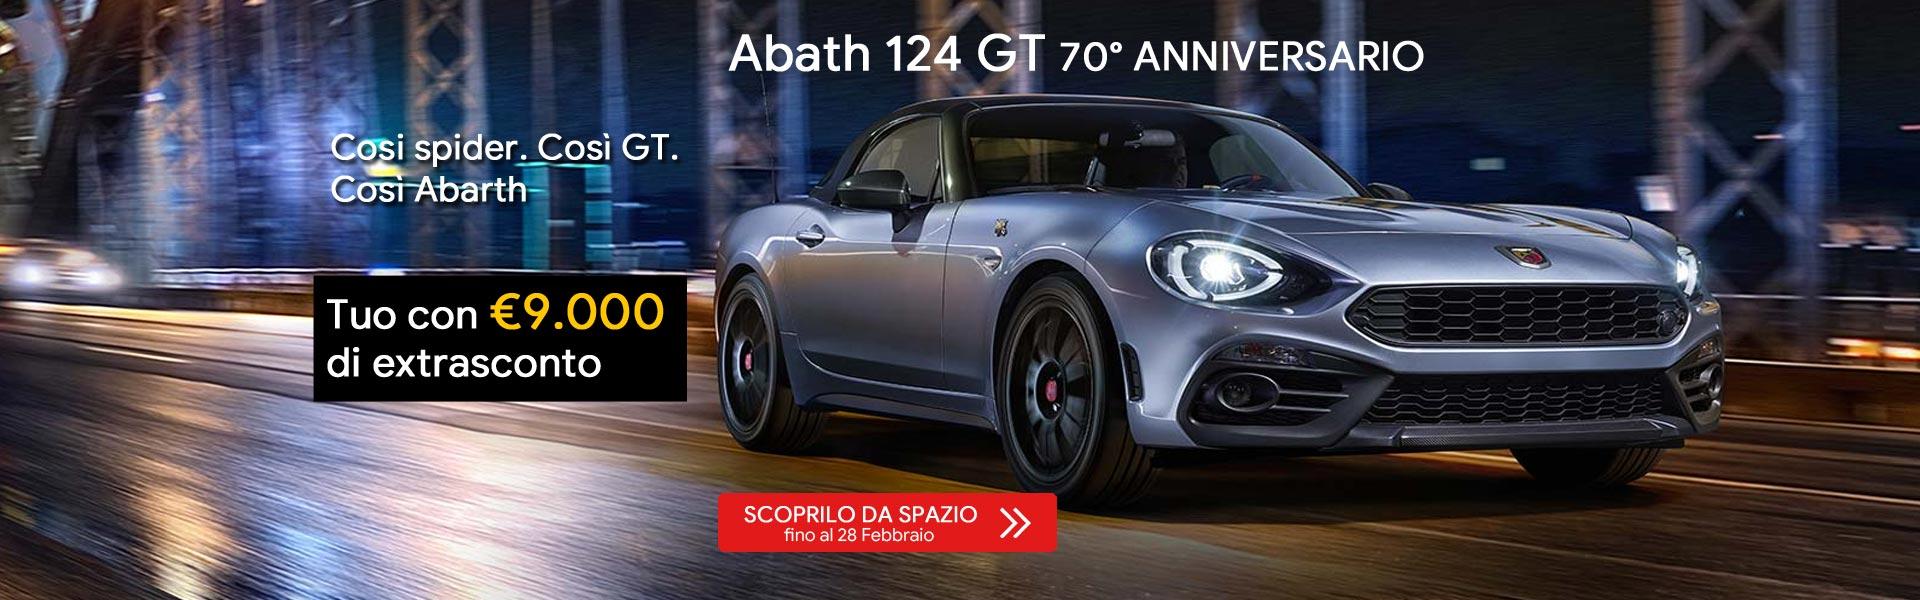 Gamma Abarth 124 GT